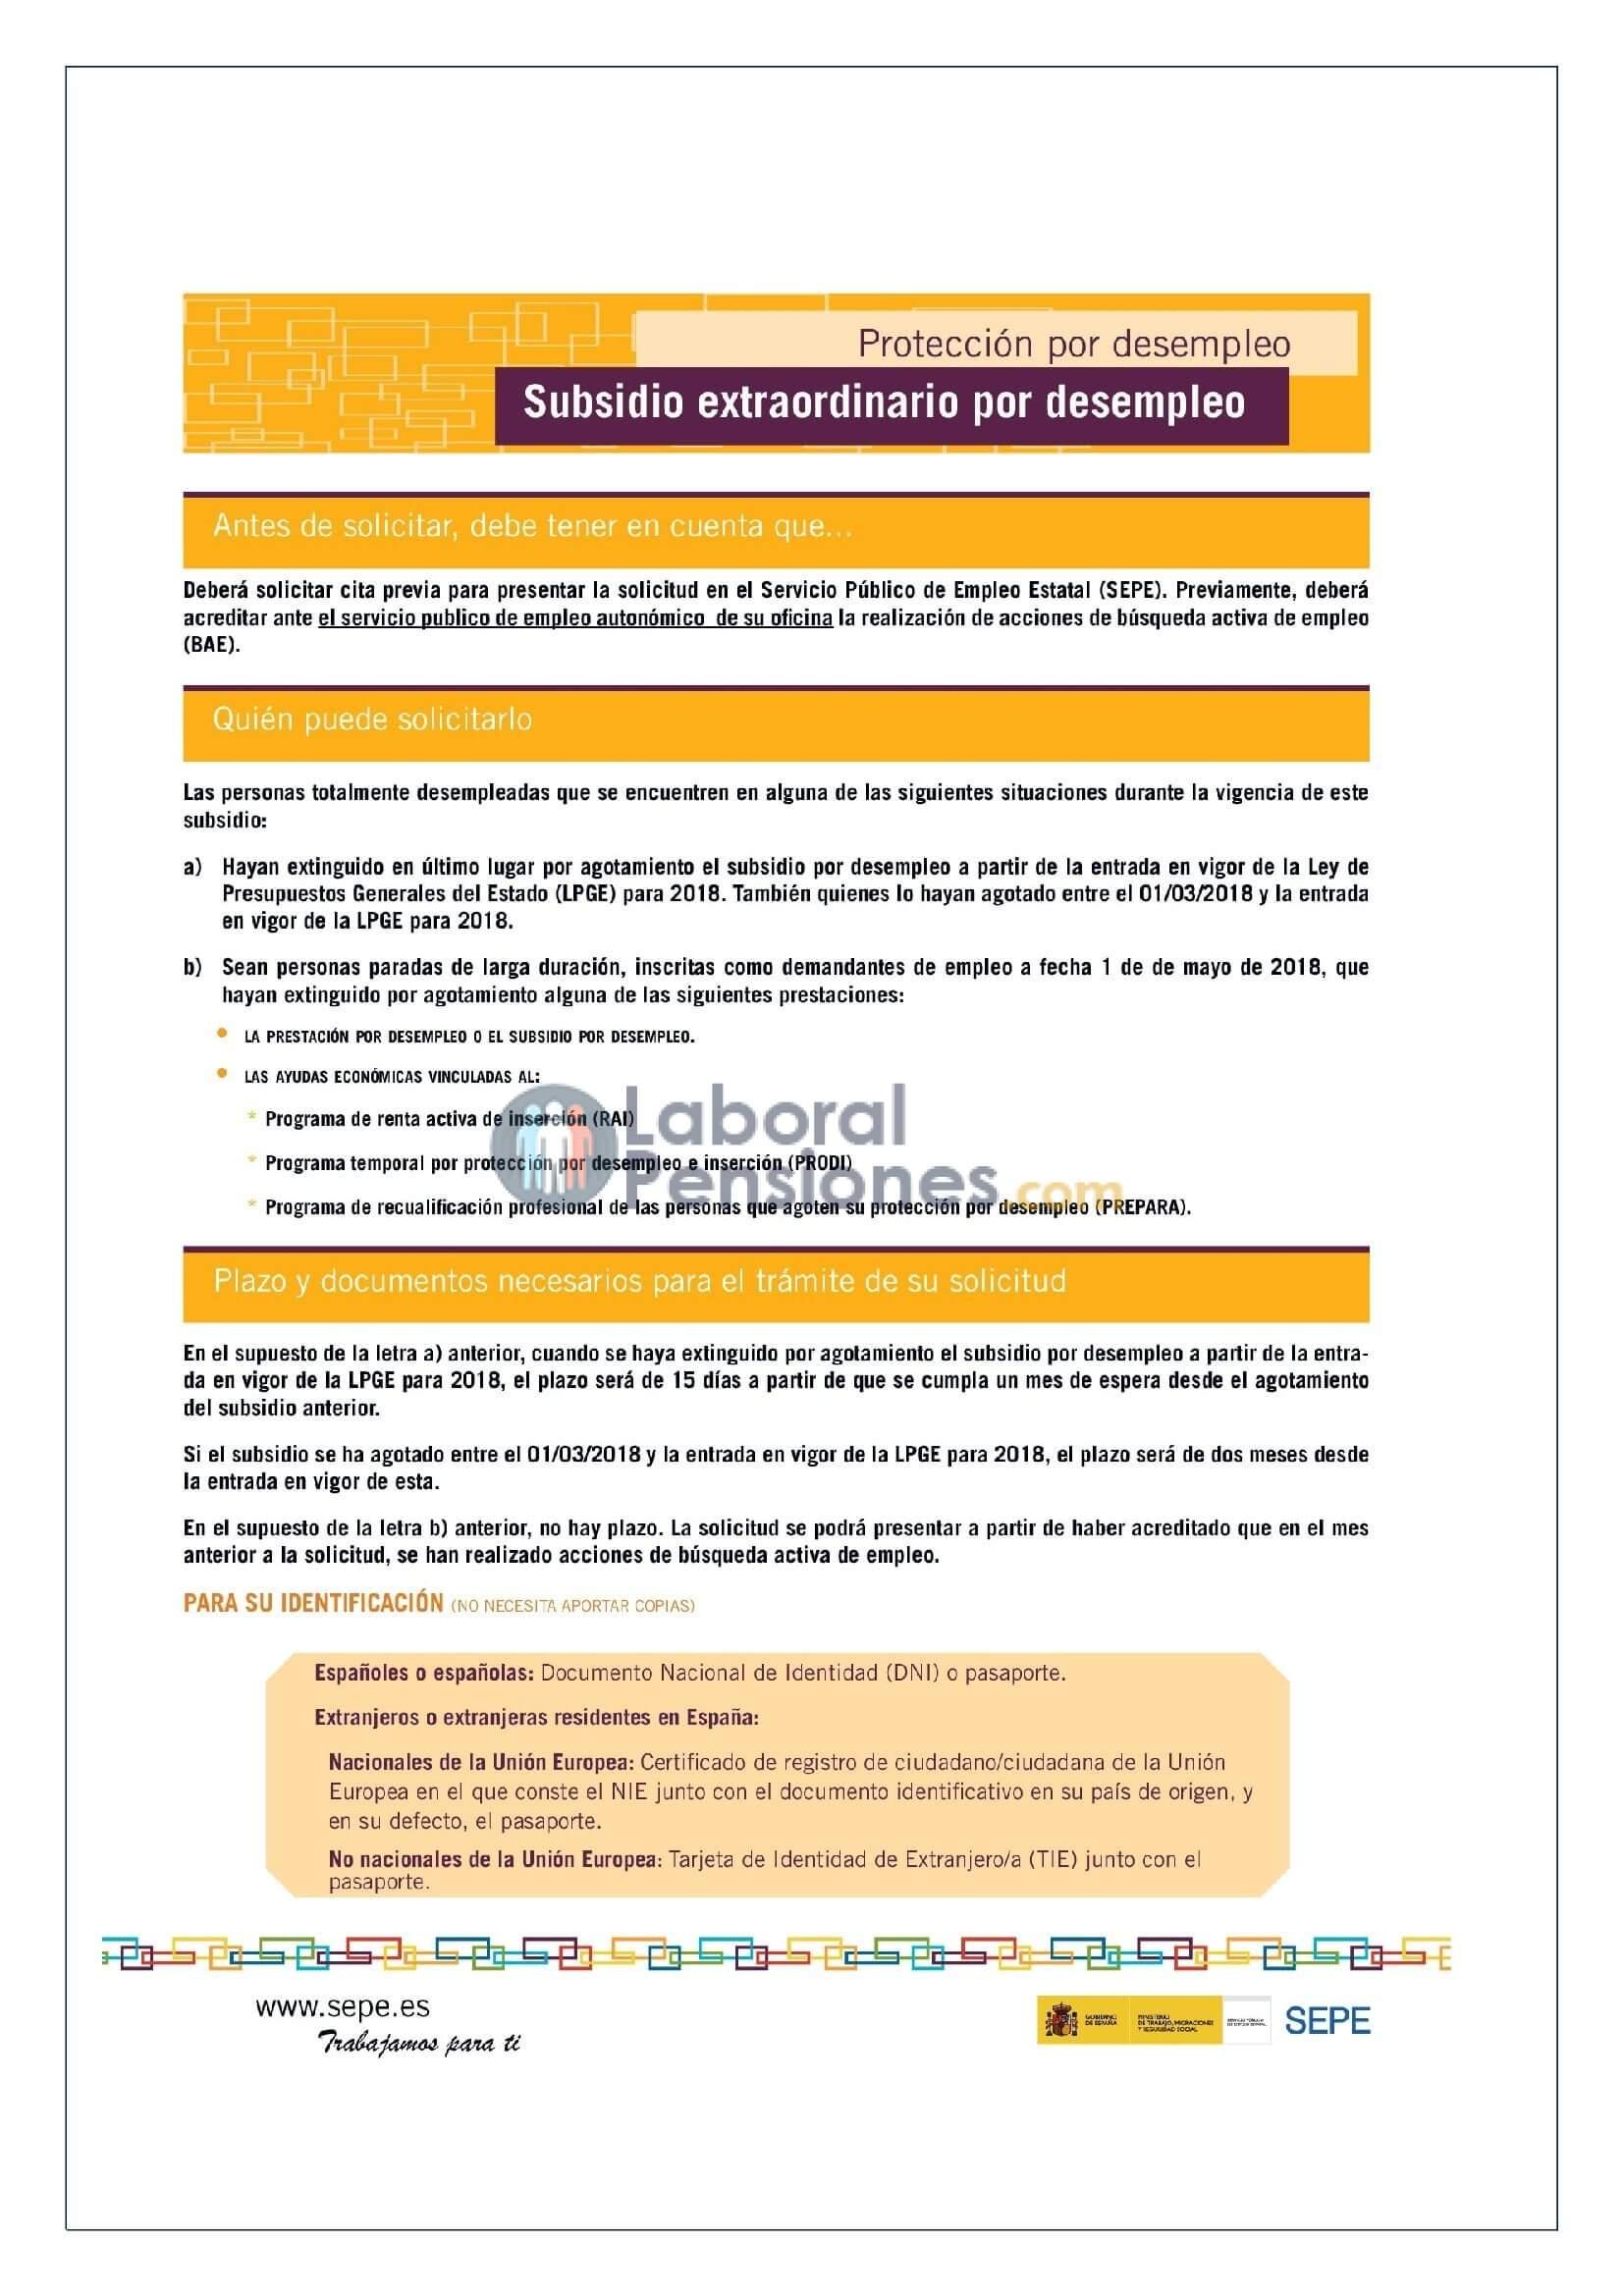 Nuevo Subsidio Extraordinario De Desempleo Laboral Pensiones